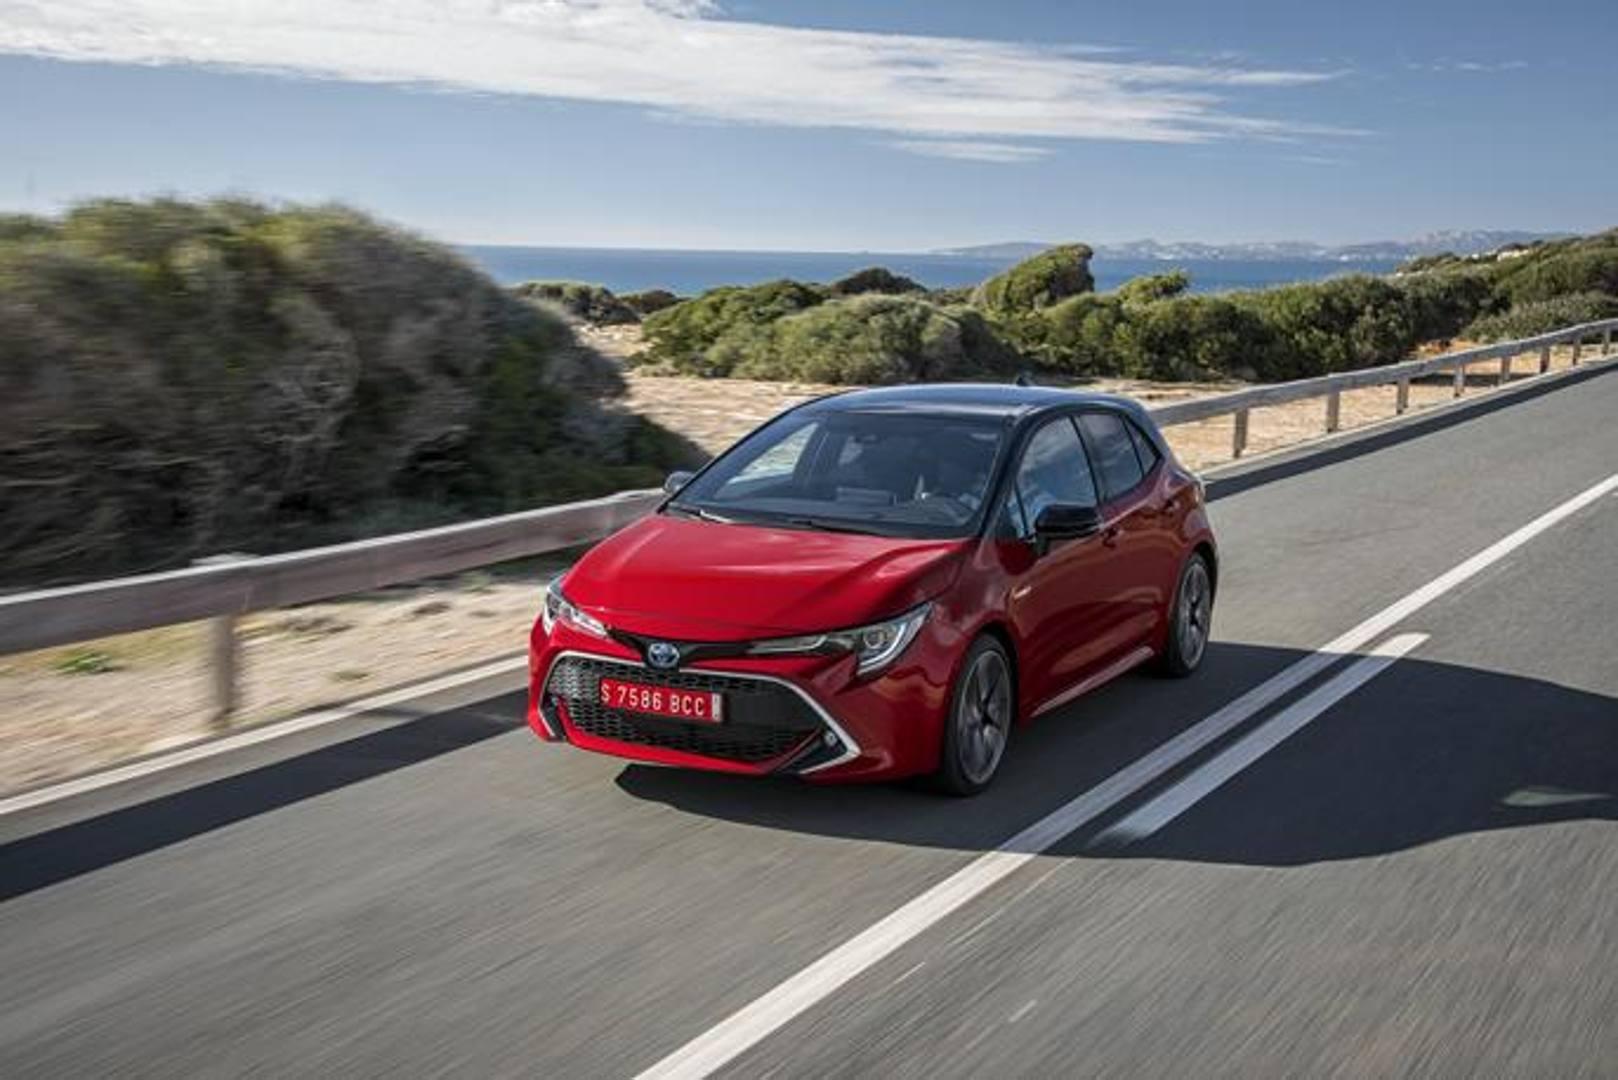 La Toyota rilancia la Corolla, lo storico modello che vanta un record di vendite: 46 milioni di esemplari in 53 anni